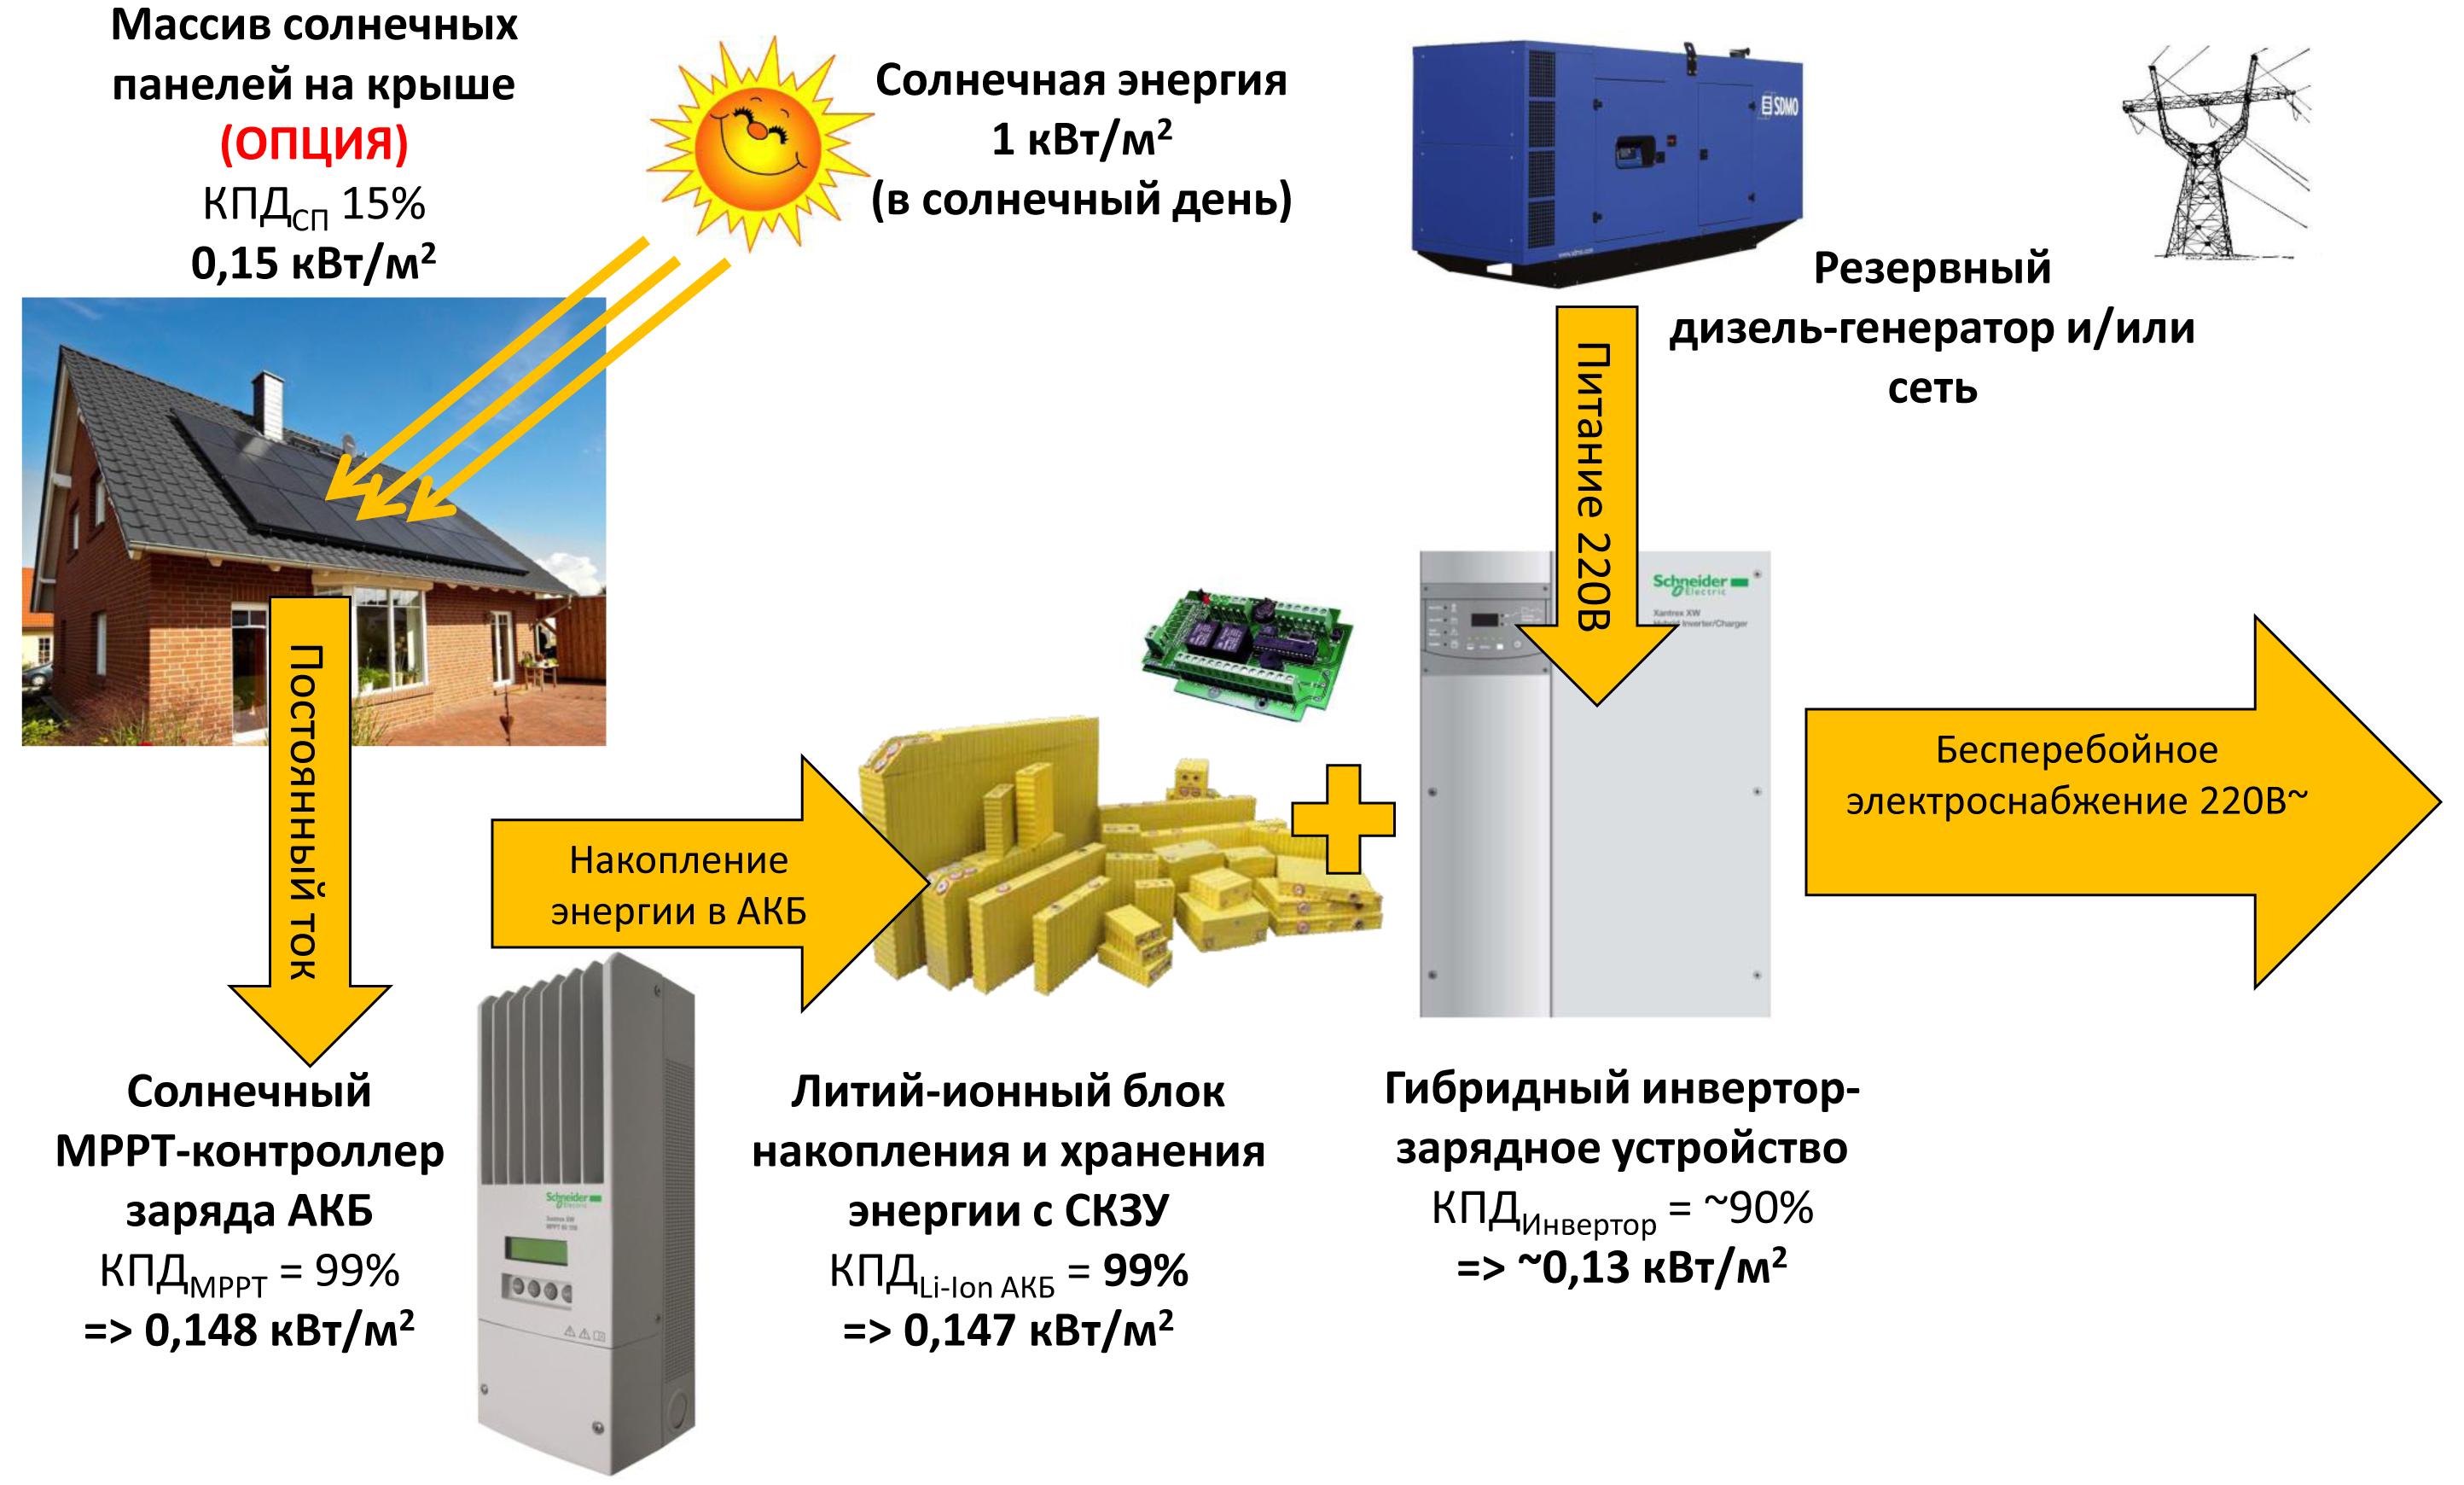 Солнечная электростанция своими руками. Подбор компонентов 22